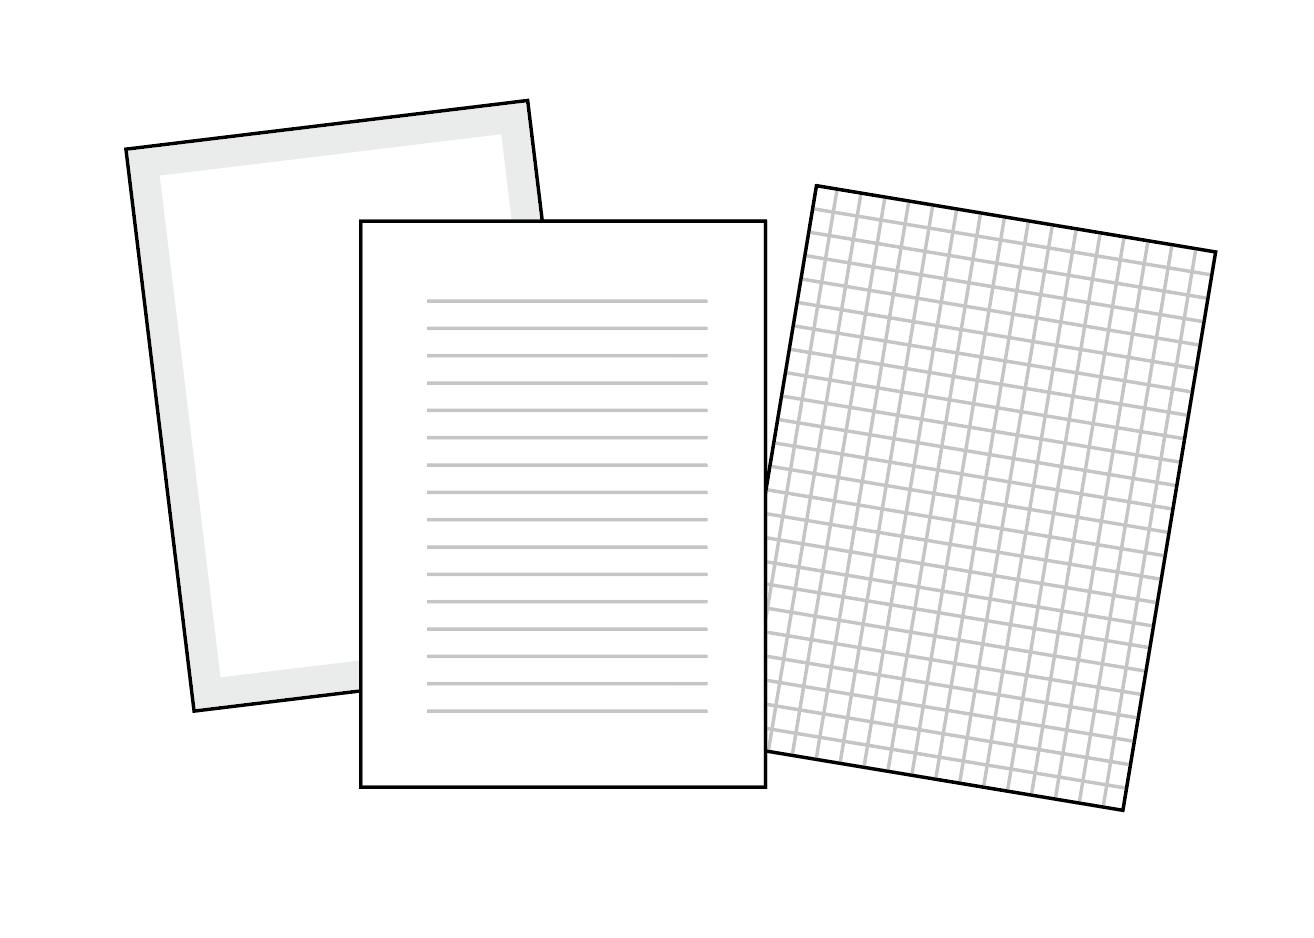 【無線綴じノート】おすすめの紙で印刷価格をシミュレーション